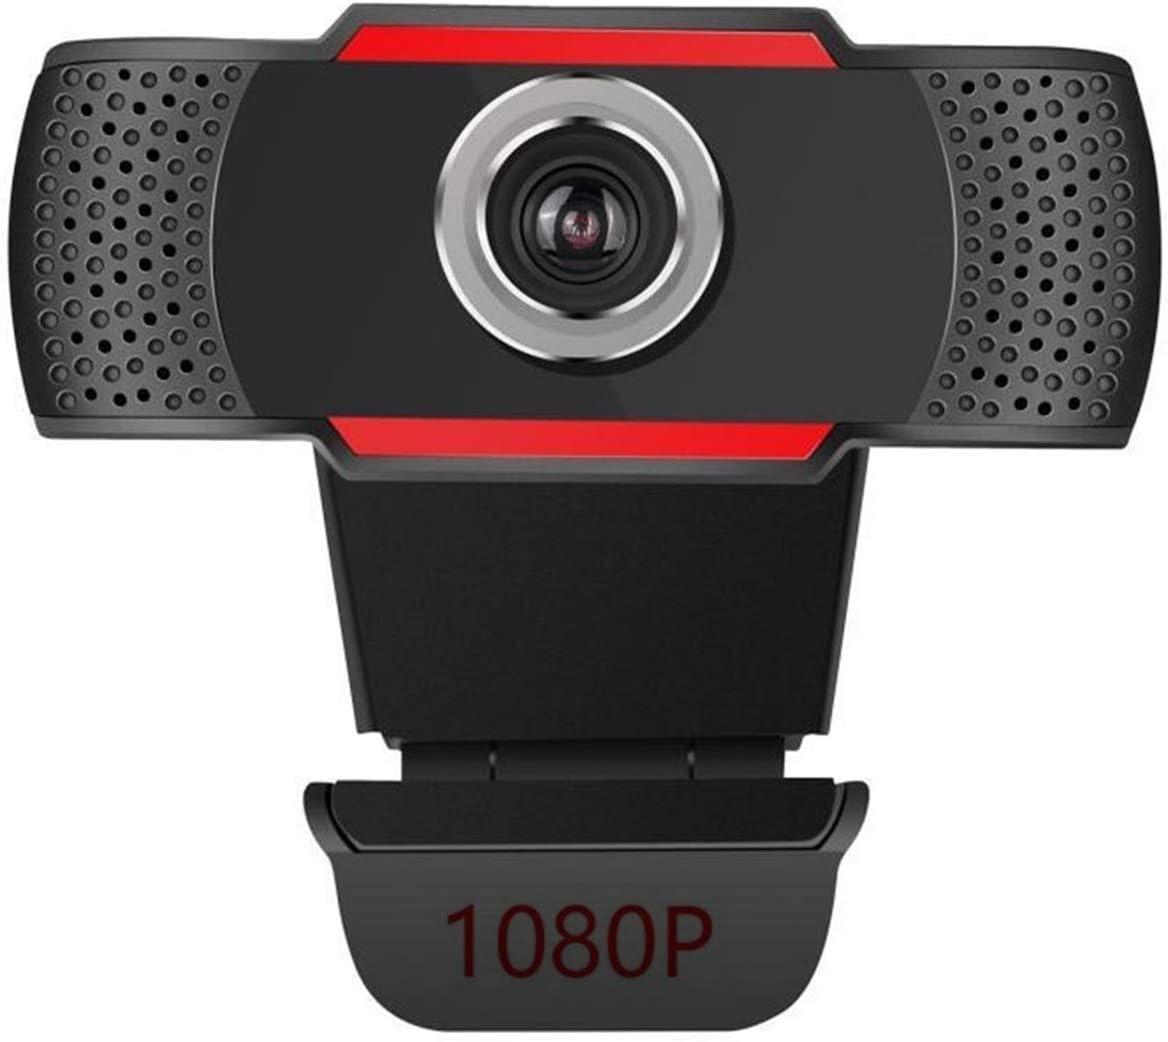 Web Camera 1080P USB with Micr Max 74% OFF Recording Video Max 47% OFF